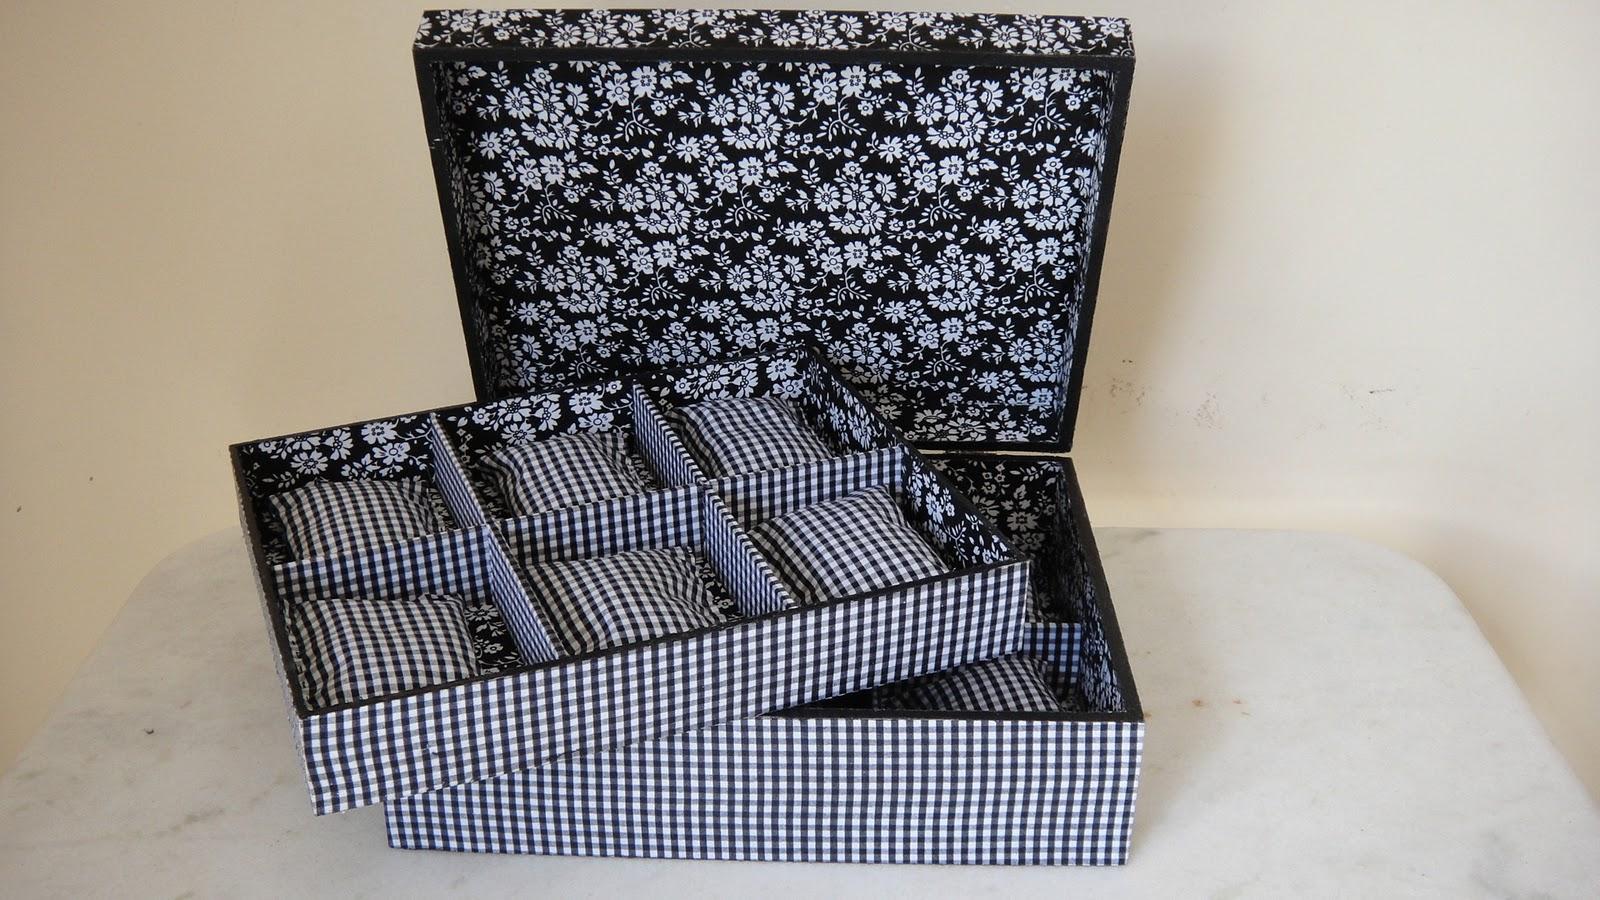 Goiânia Mina das Artes: Caixa para Relógios Forrada em tecido #7B6A50 1600x900